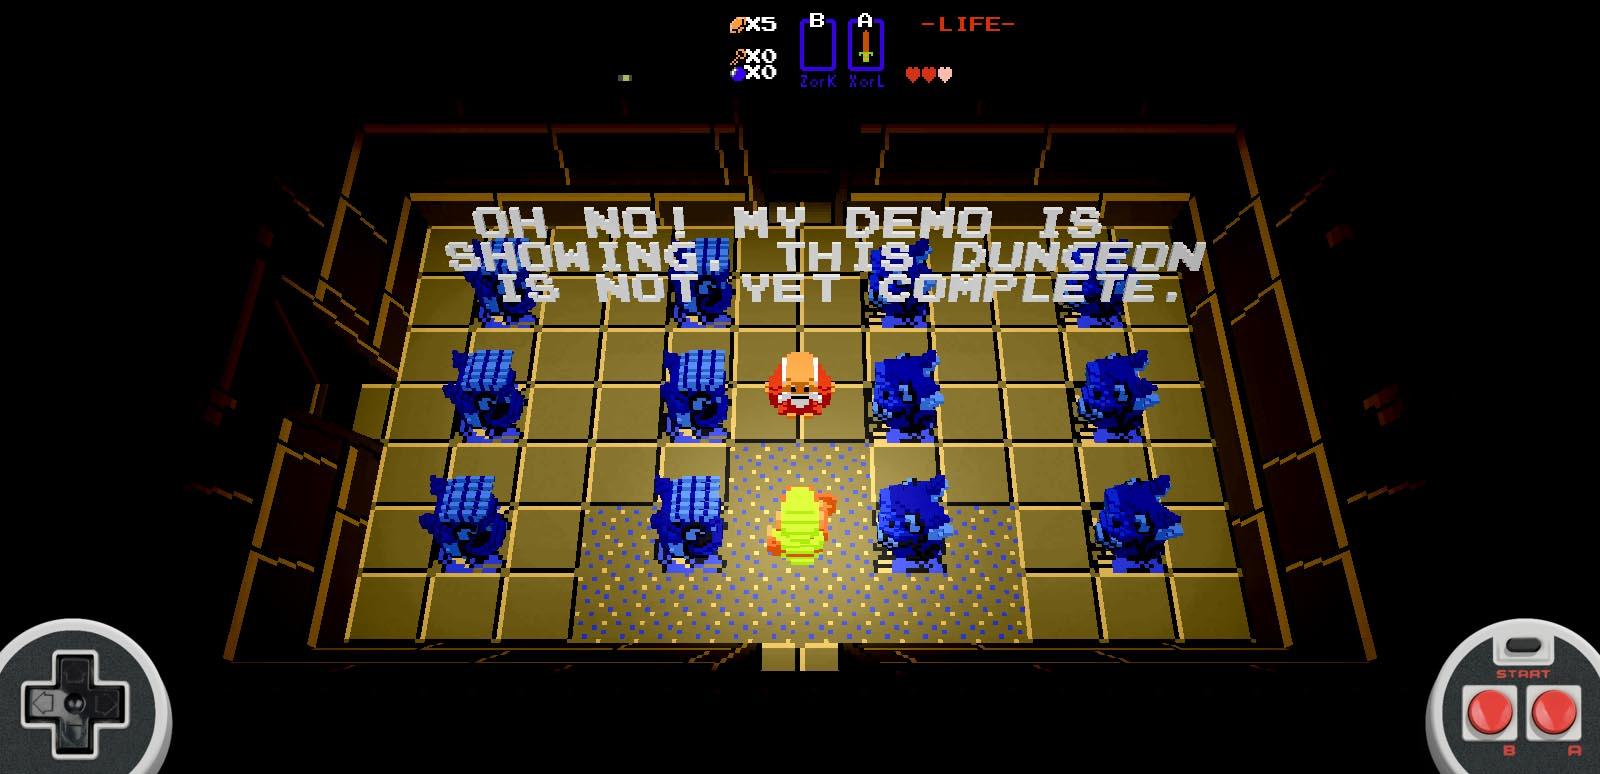 Zelda 30 anniversary 3D 2